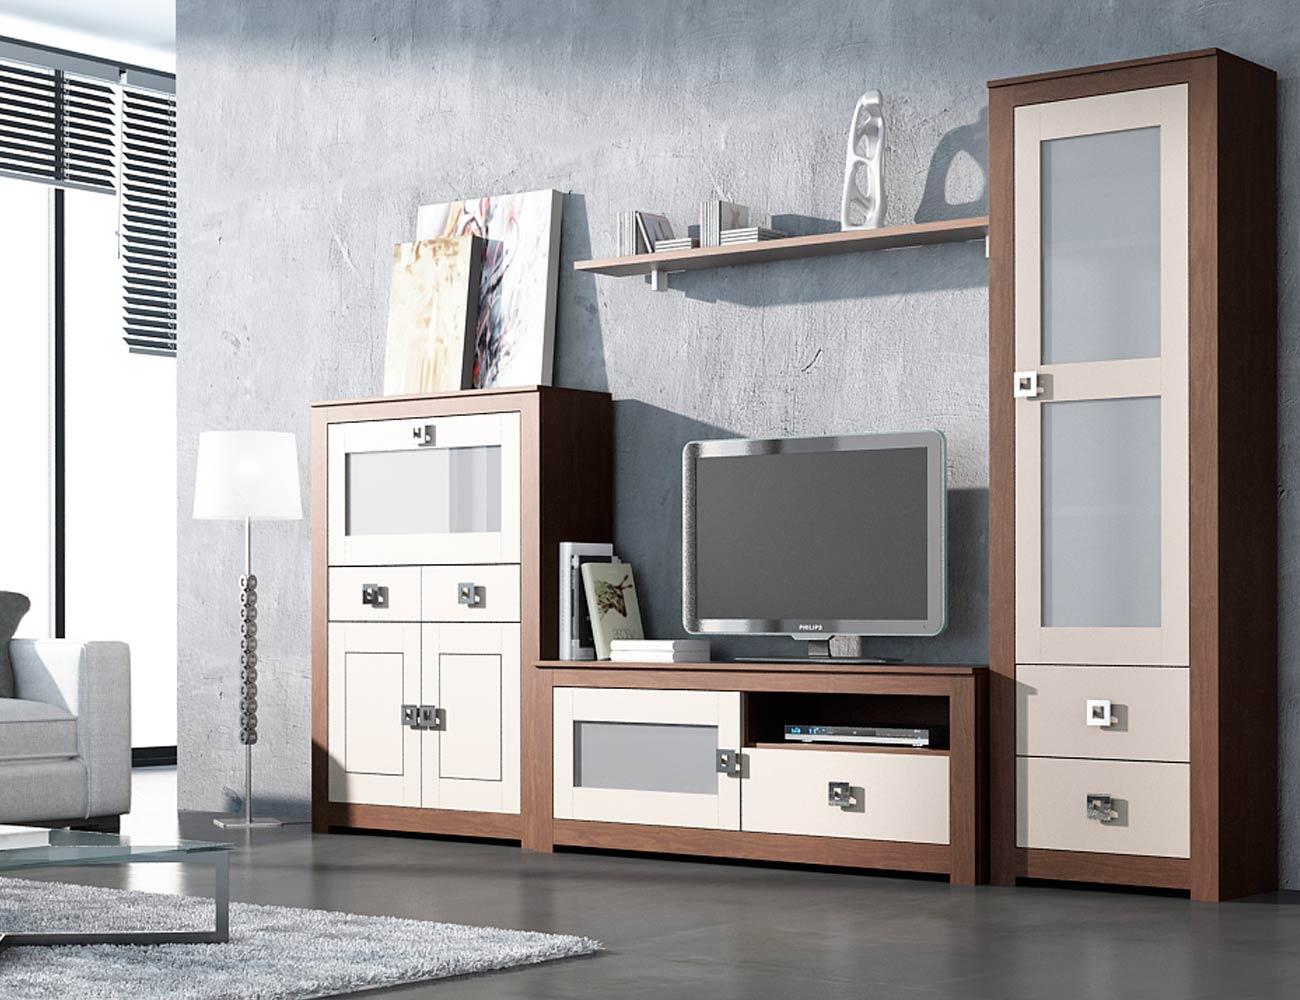 Muebles de dormitorio de matrimonio color blanco roto con piedra en madera dm 7103 factory - Muebles de chapa ...